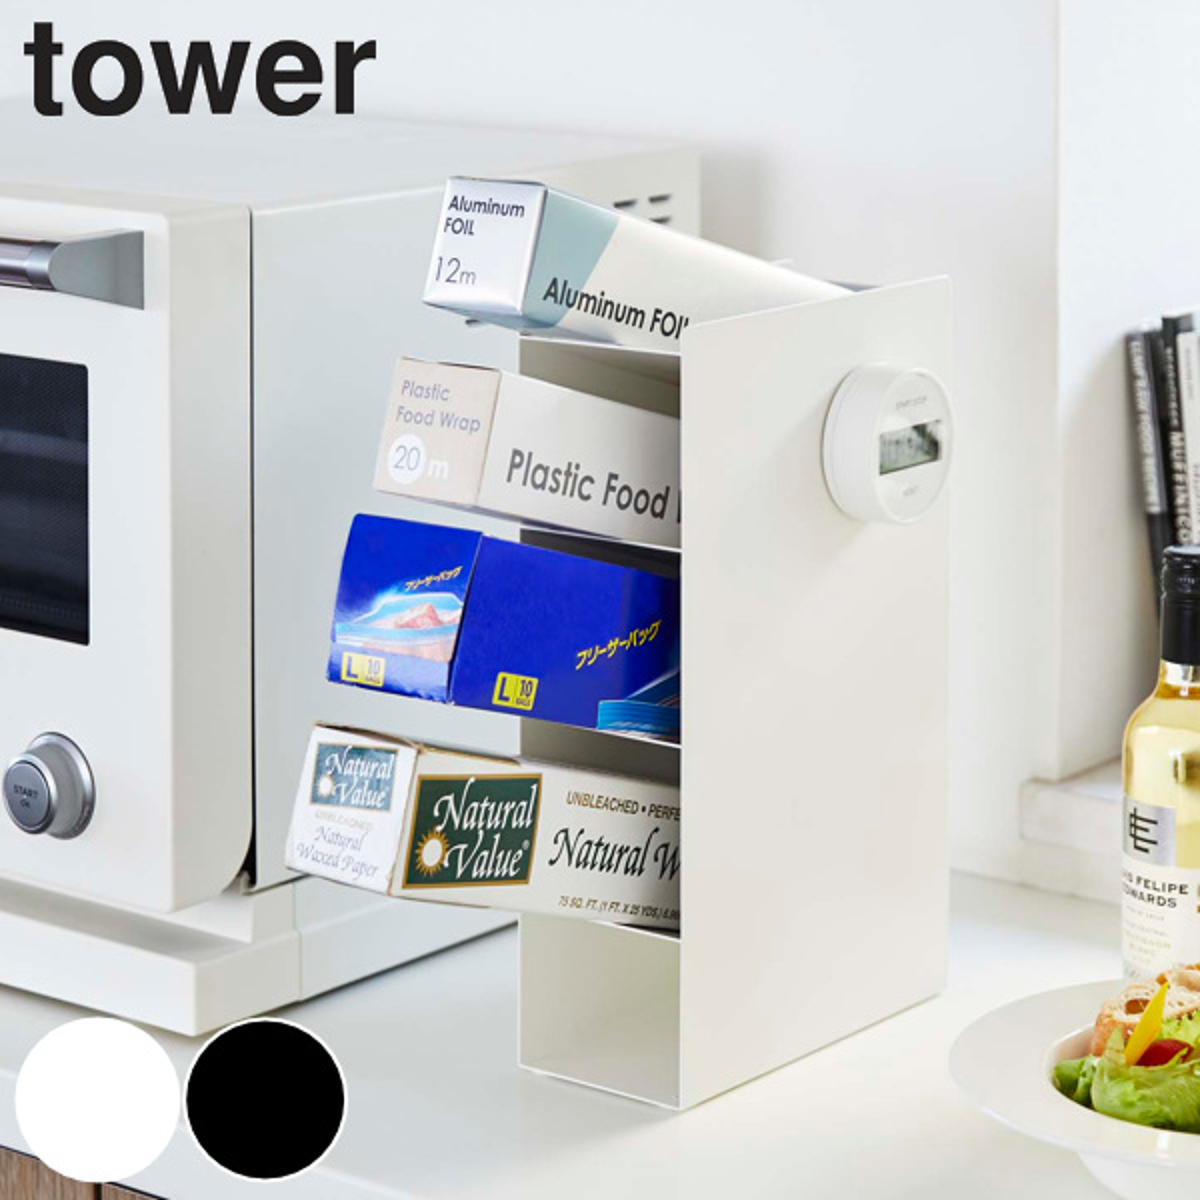 ラップ類をまとめてスリムに収納できるラップスタンド キッチン収納 ラップスタンド 4段 tower タワー 山崎実業 送料無料 ラップ収納 ラップホルダー 買収 新色追加して再販 タワーシリーズ オーブンシート アルミホイル収納 ラップ立て ラップ 収納 yamazaki クッキングシート おしゃれ アルミホイル